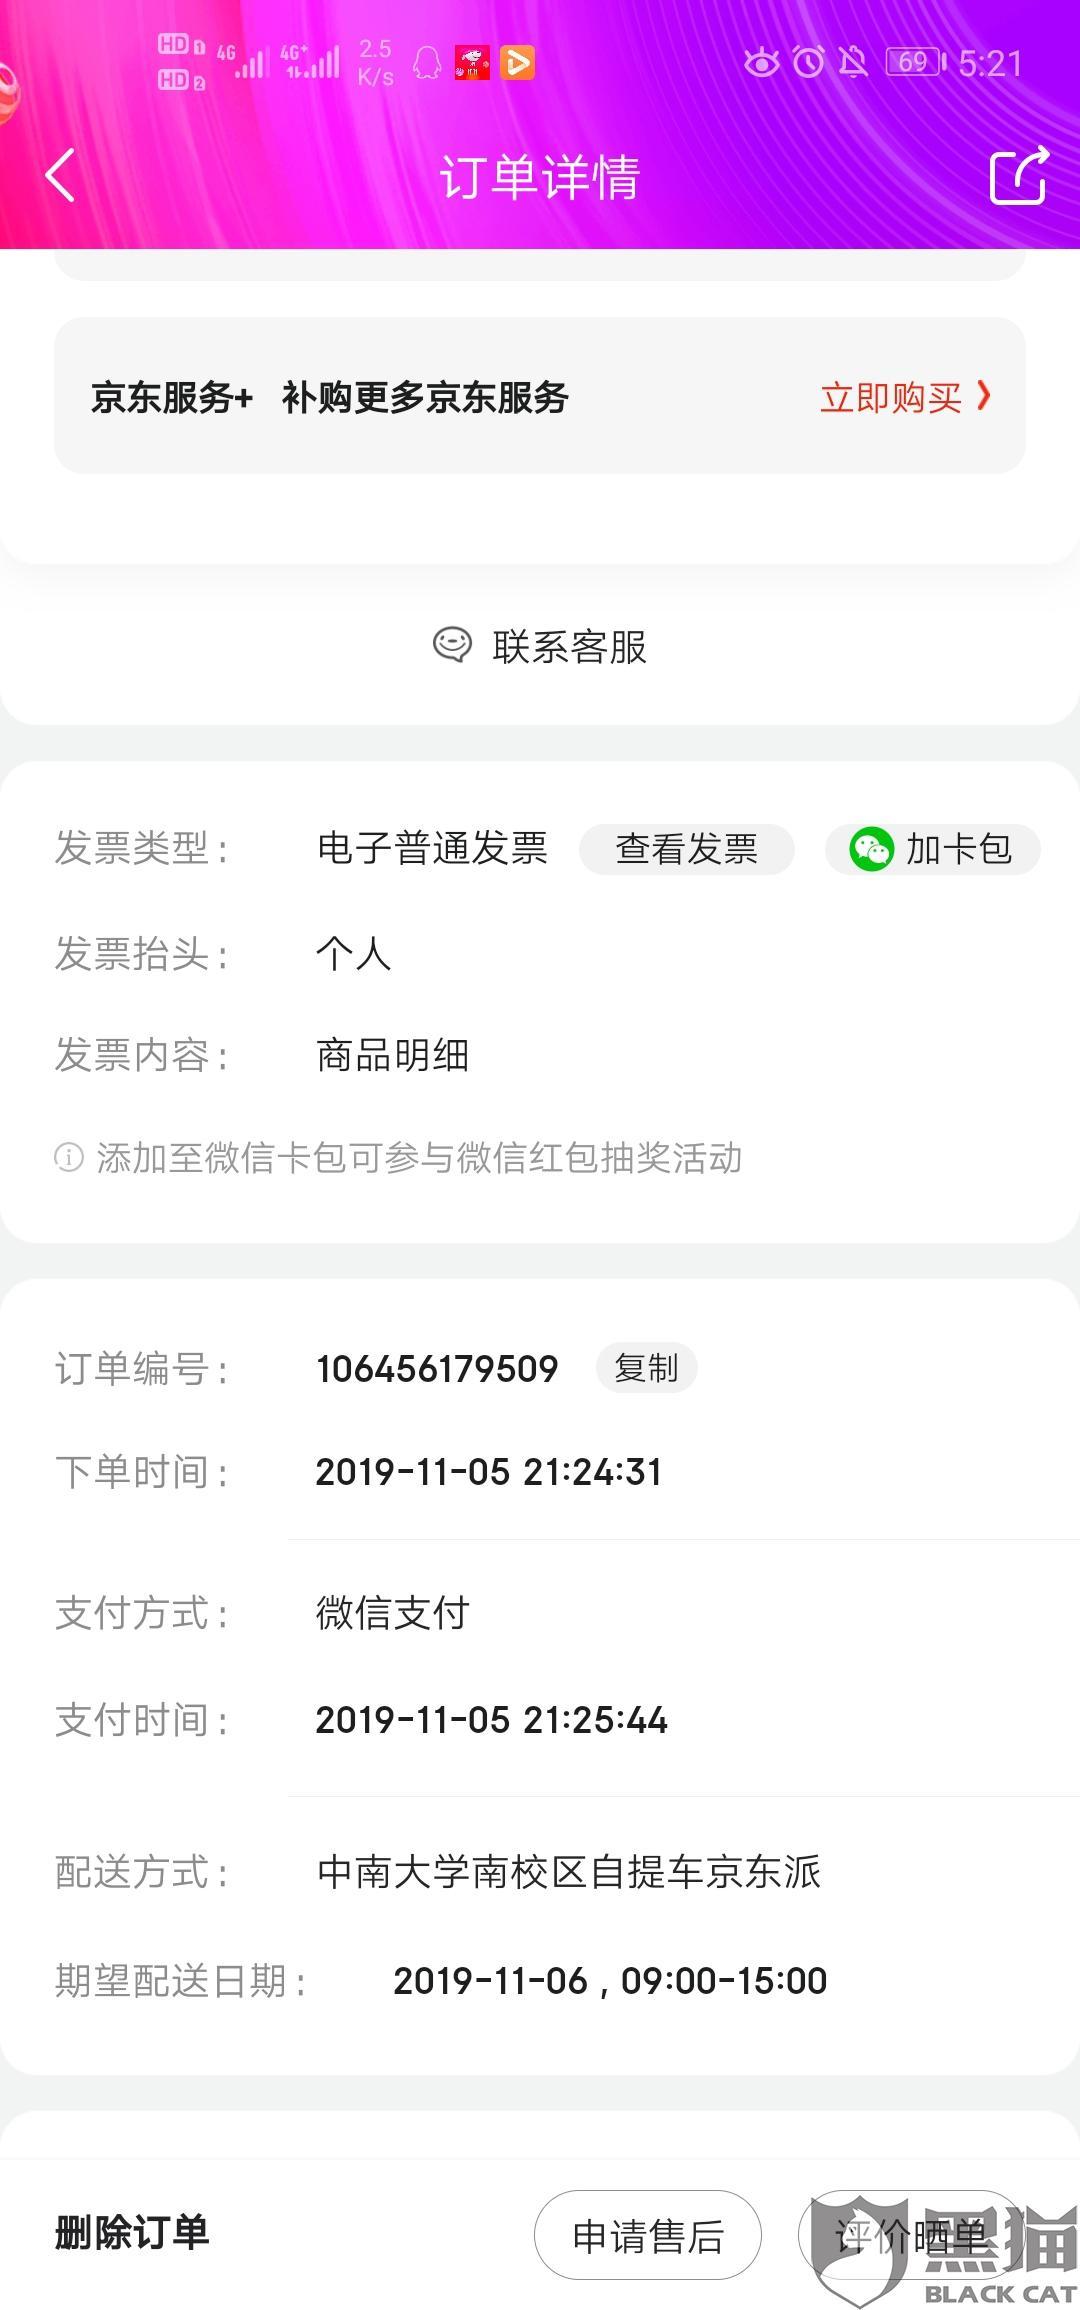 黑猫投诉:京东商城荣耀V20双十一晚降价,拒绝价格保护